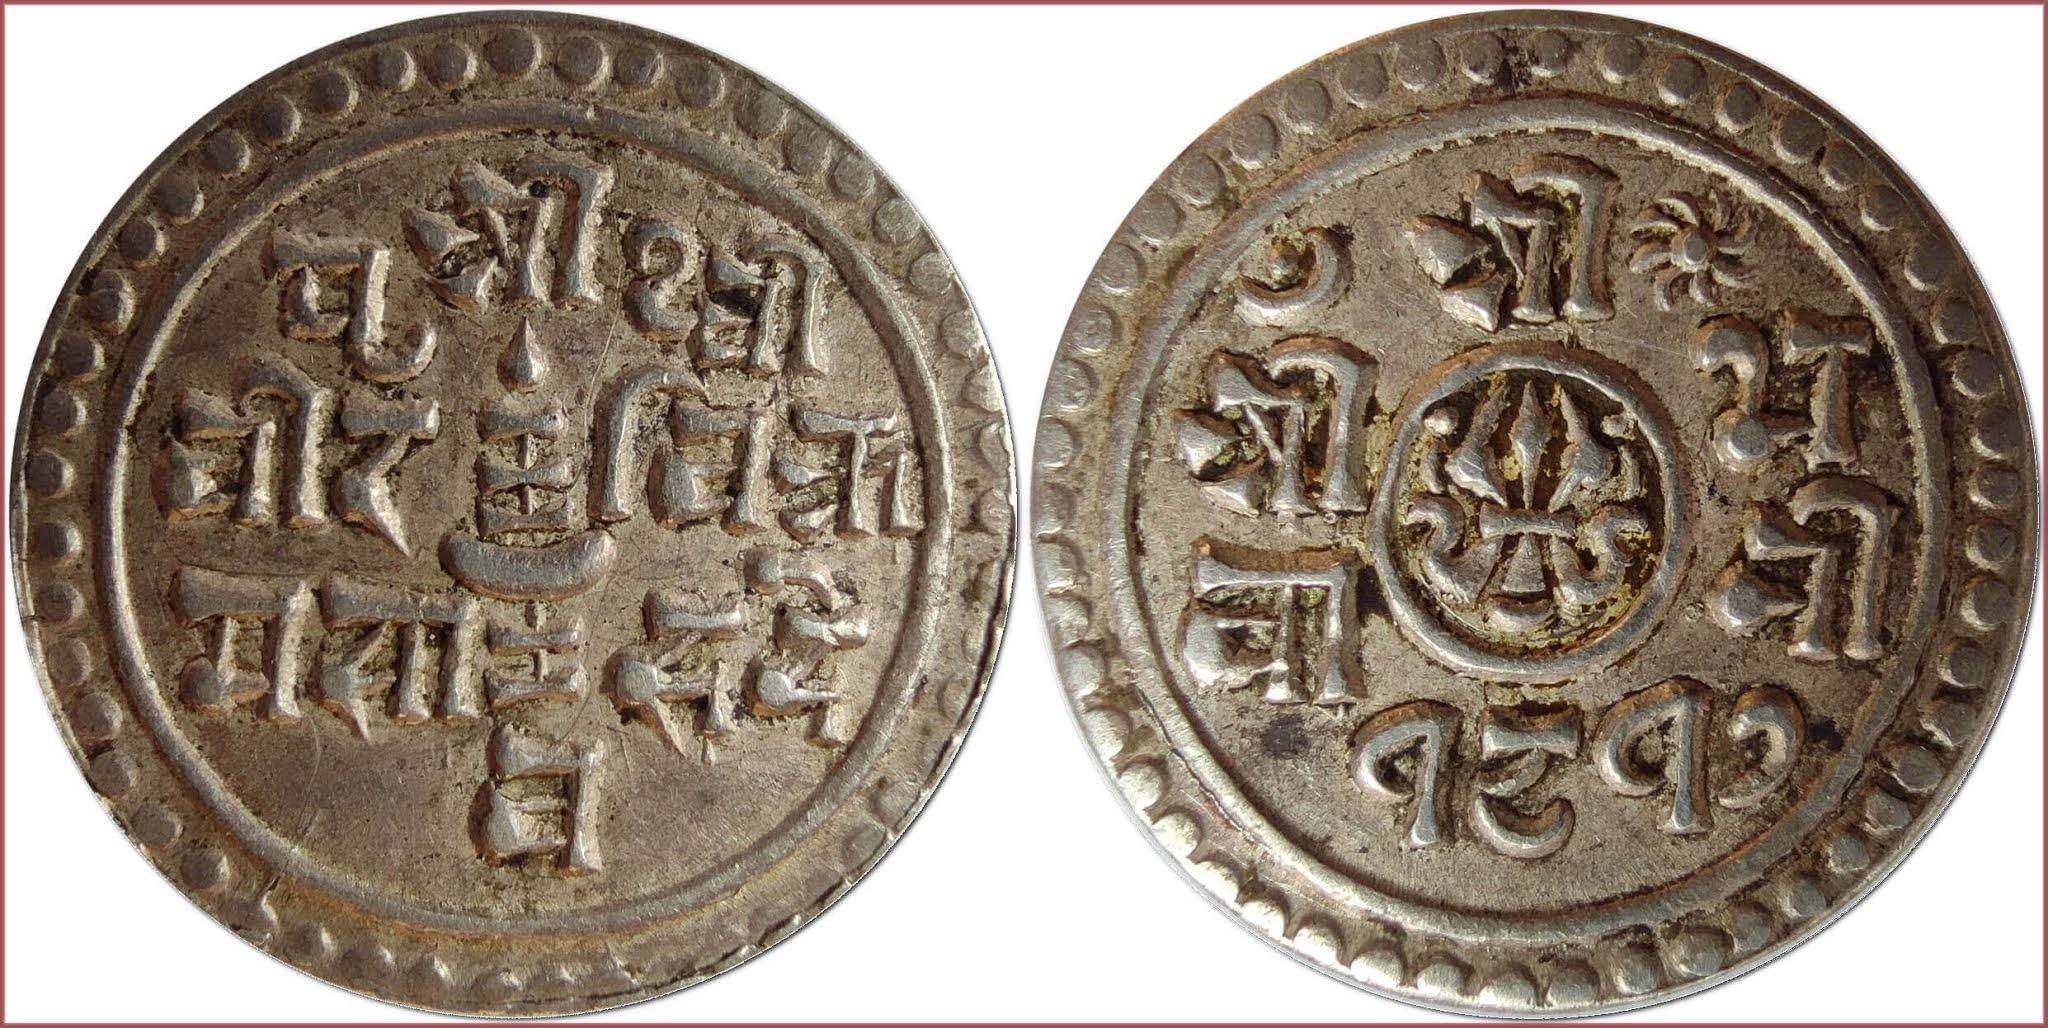 1/4 mohar /mohur/, 1895: Kingdom of Nepal